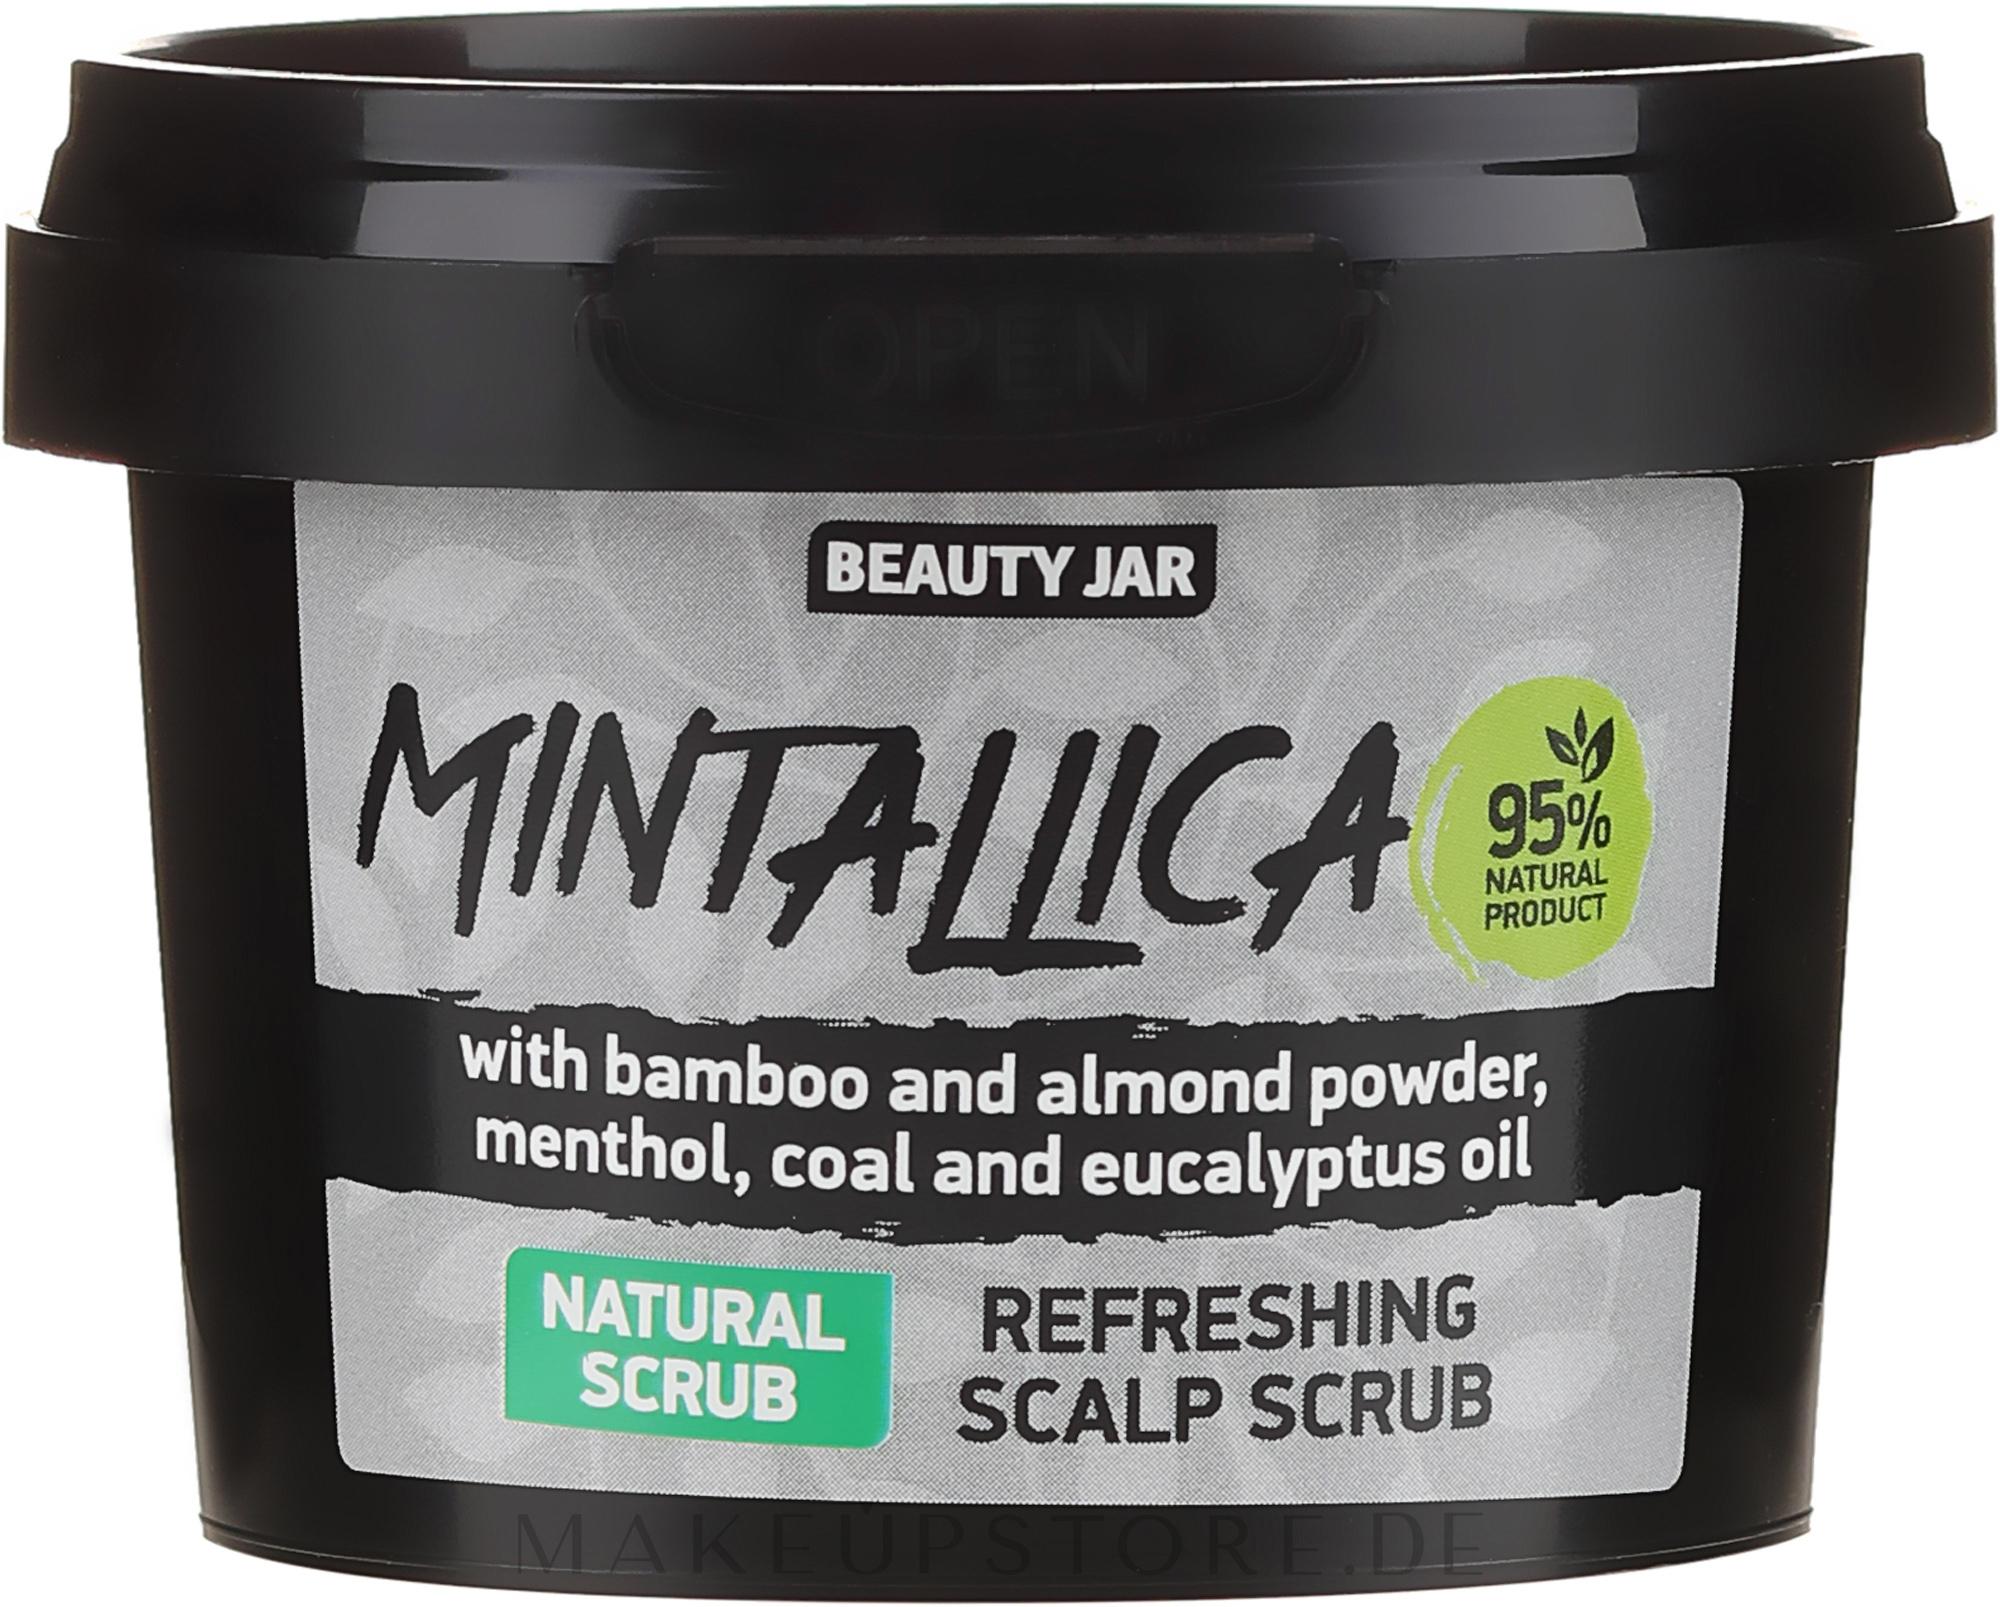 Erfrischendes Kopfhautpeeling mit Bambus- und Mandelpulver, Menthol, Aktivkohle und Eukalyptusöl - Beauty Jar Mintallica Refreshing Scalp Scrub — Bild 100 g